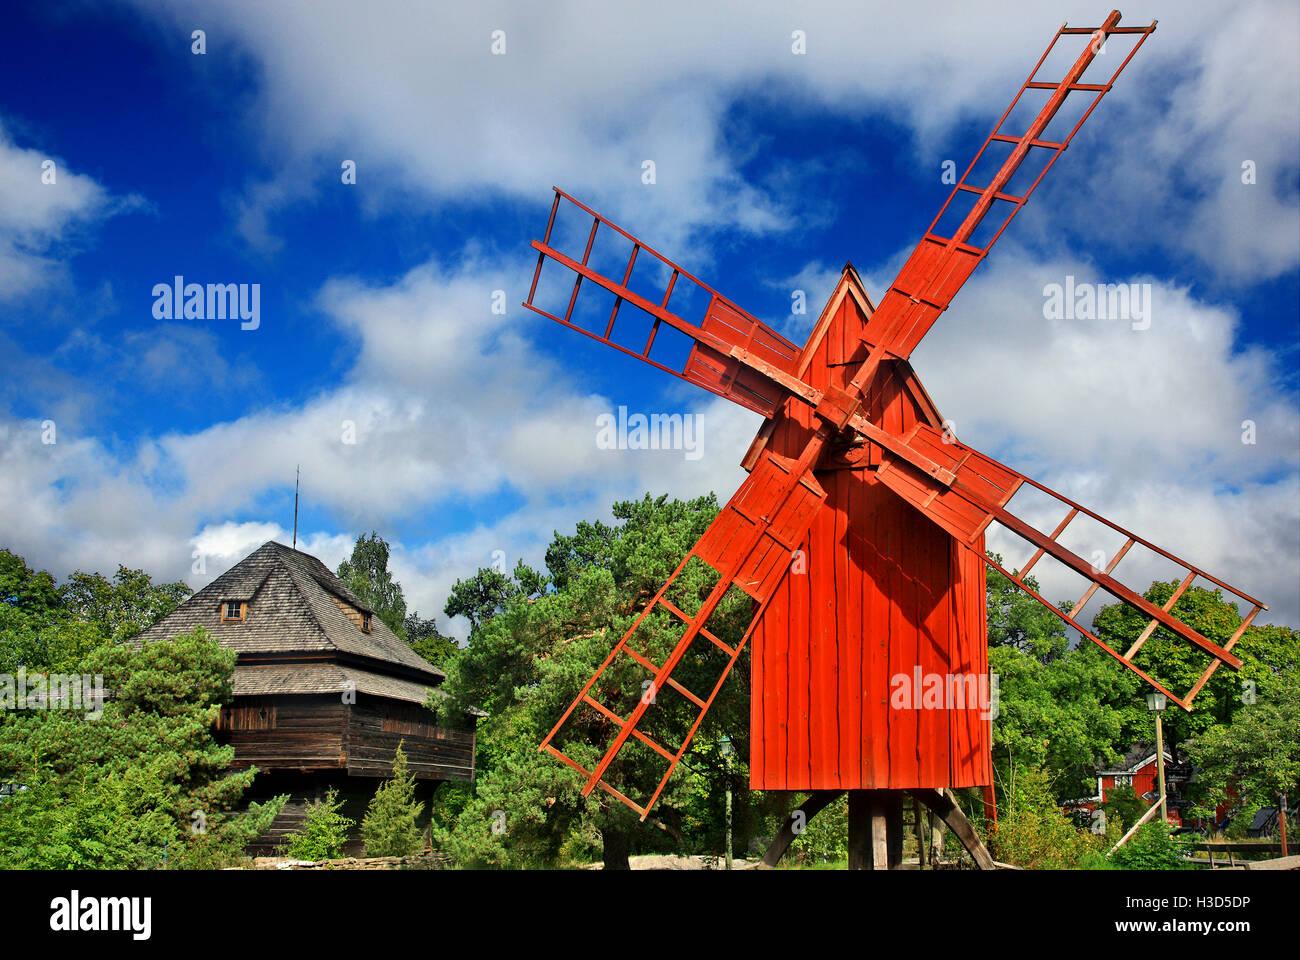 Hermoso y antiguo molino de viento en el museo al aire libre Skansen, la isla de Djurgården, Estocolmo, Suecia Imagen De Stock